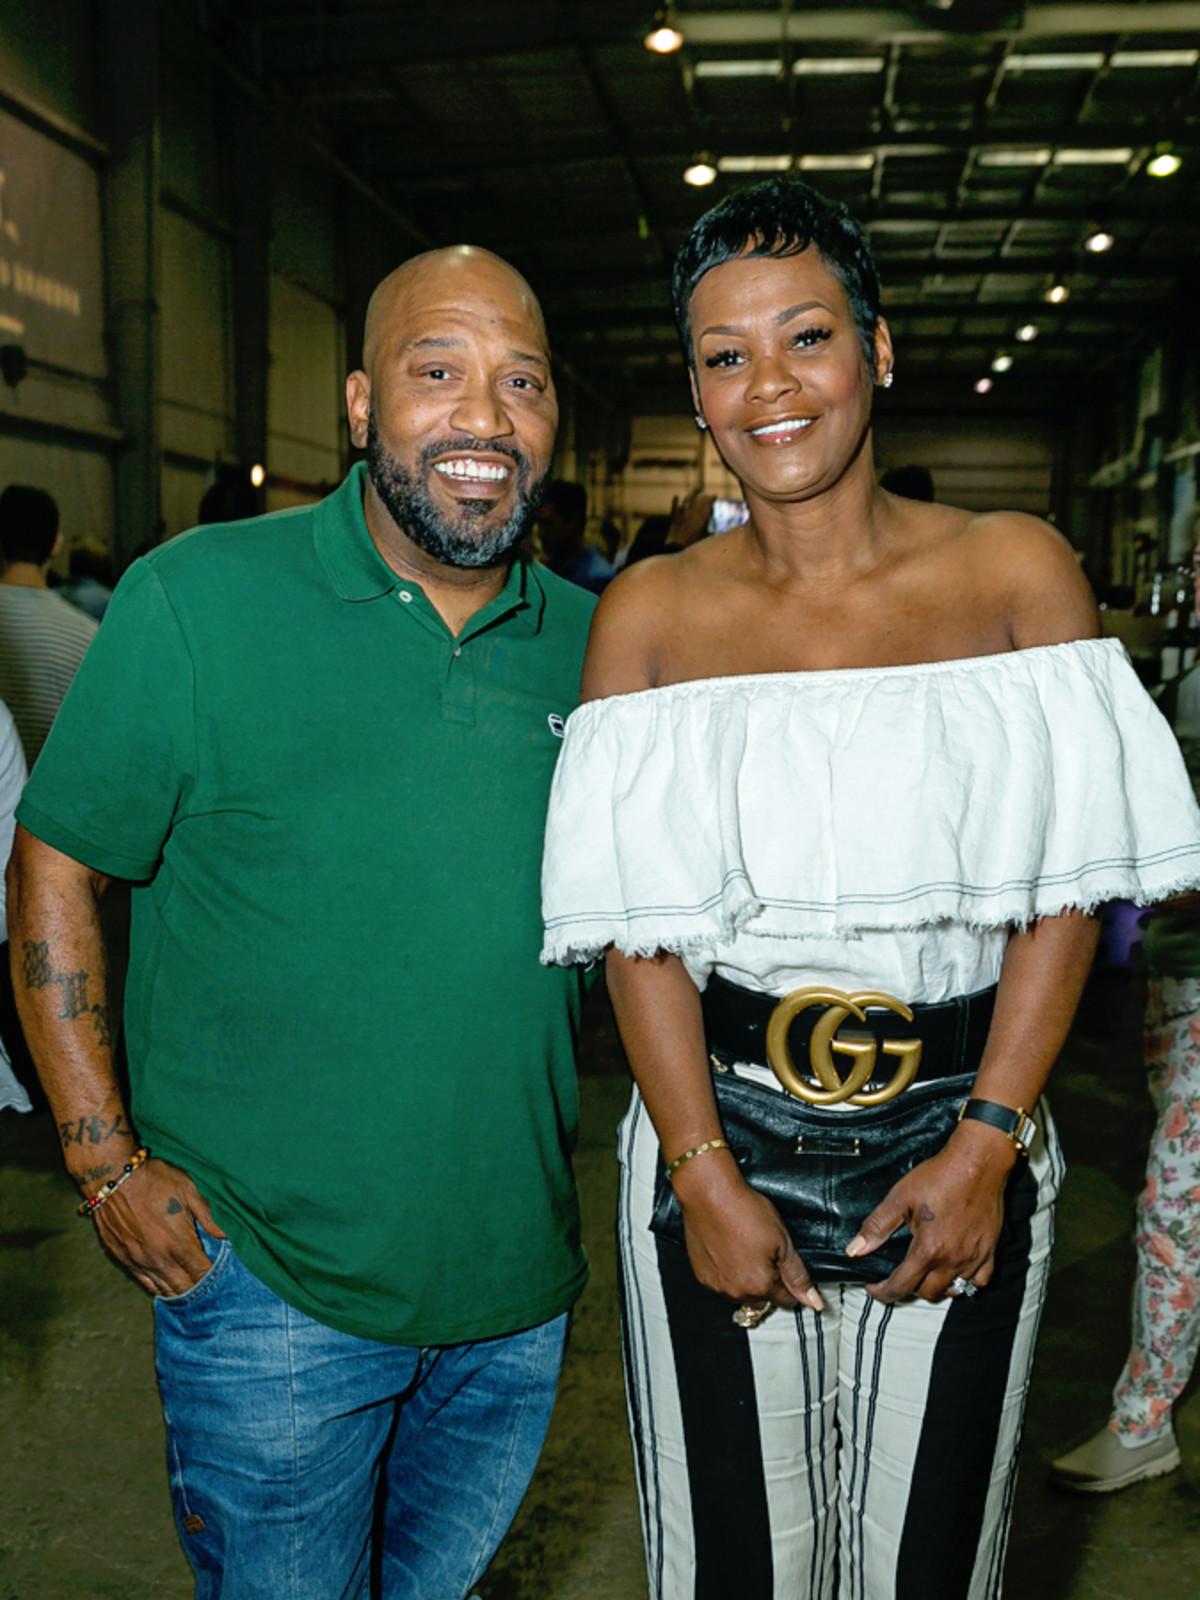 Tastemaker Awards 2018 Bun B and Queenie